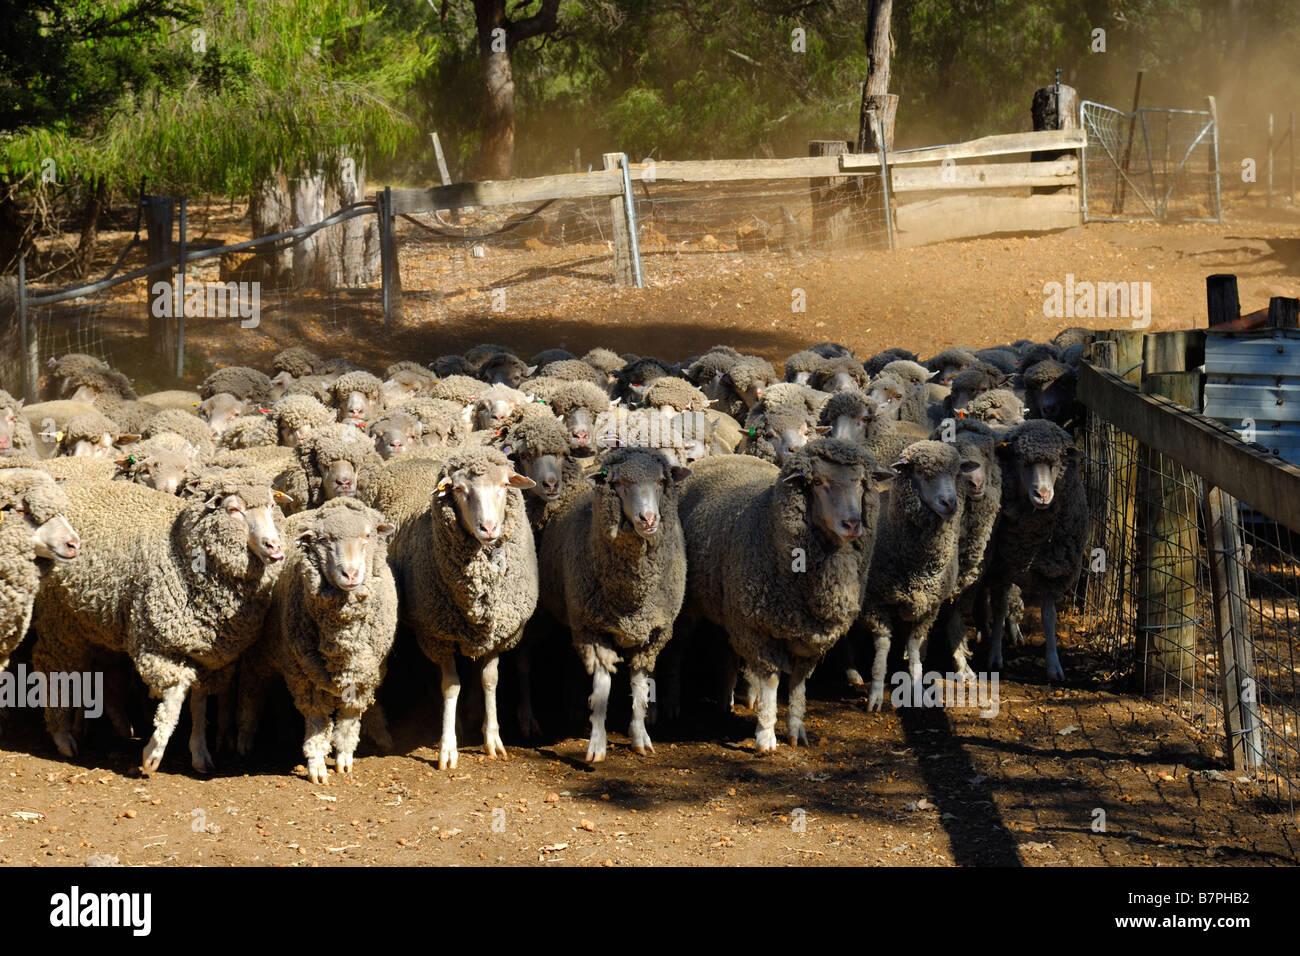 Rounding up merino sheep Western Australia - Stock Image